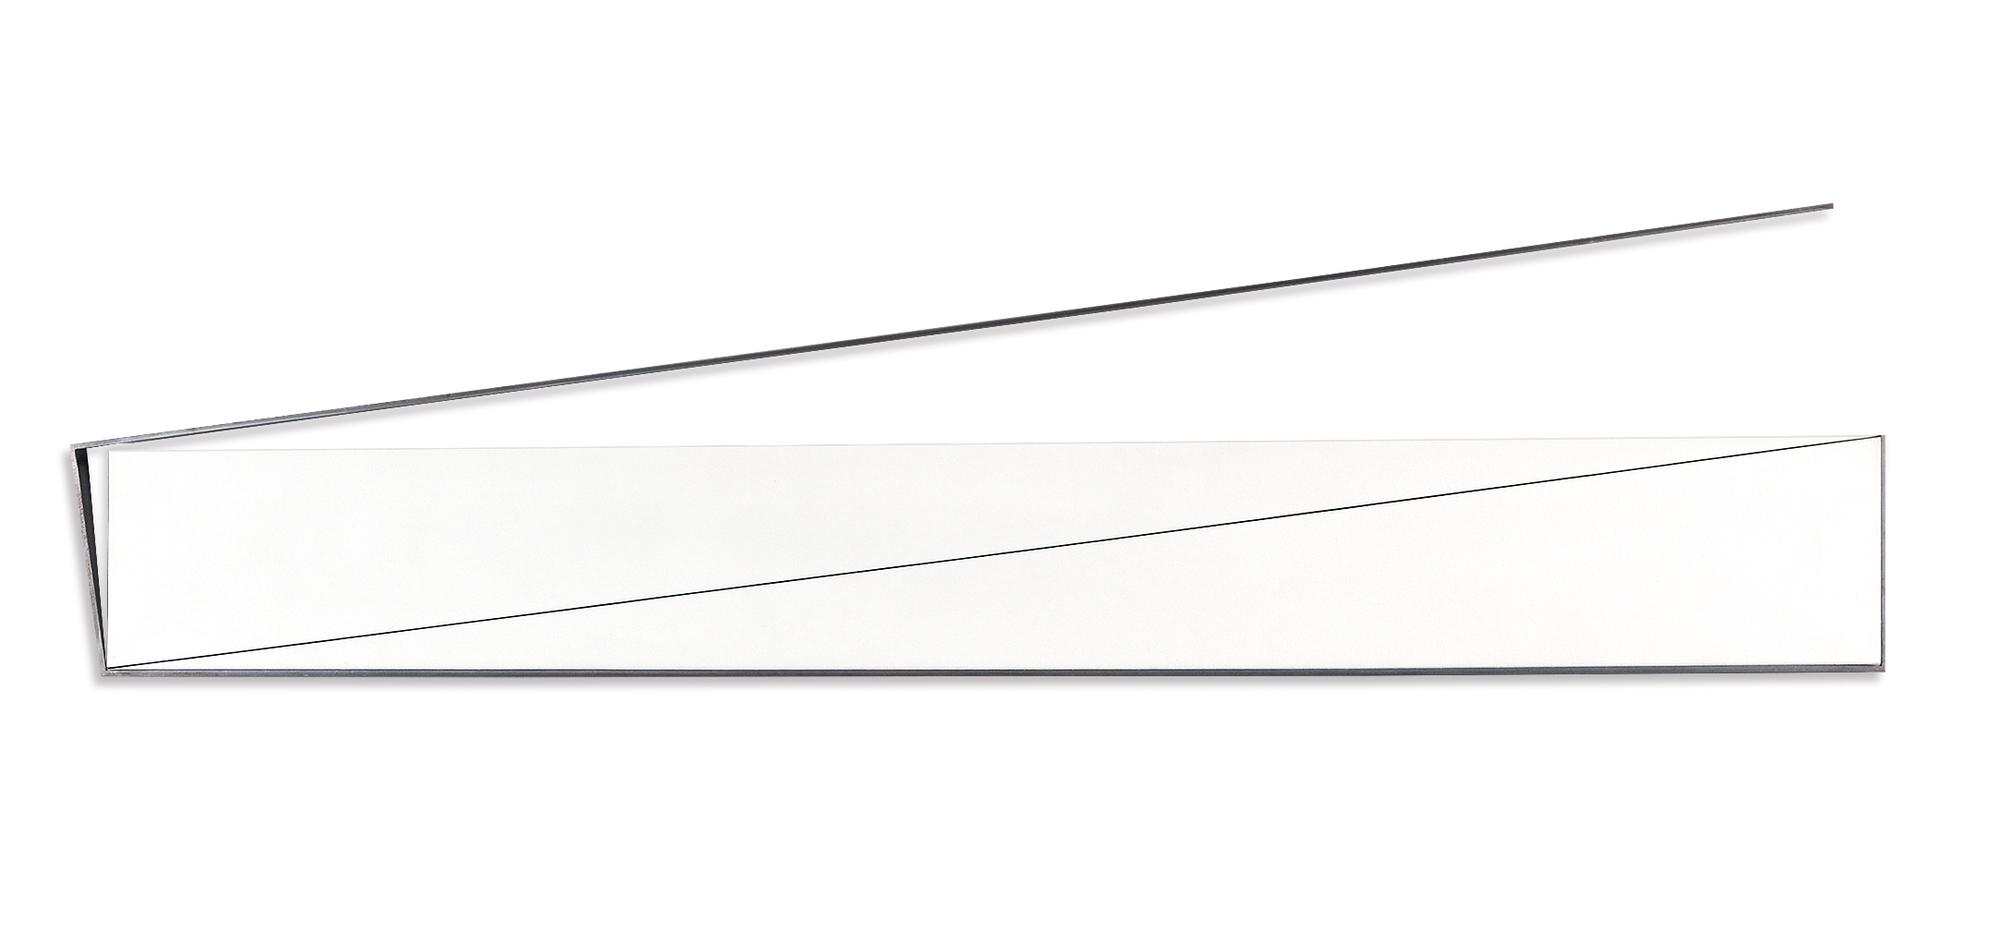 Morellet François, Rectangle (1x4) 8°, 98° avec la moitié de son périmètre, 0°, 90°